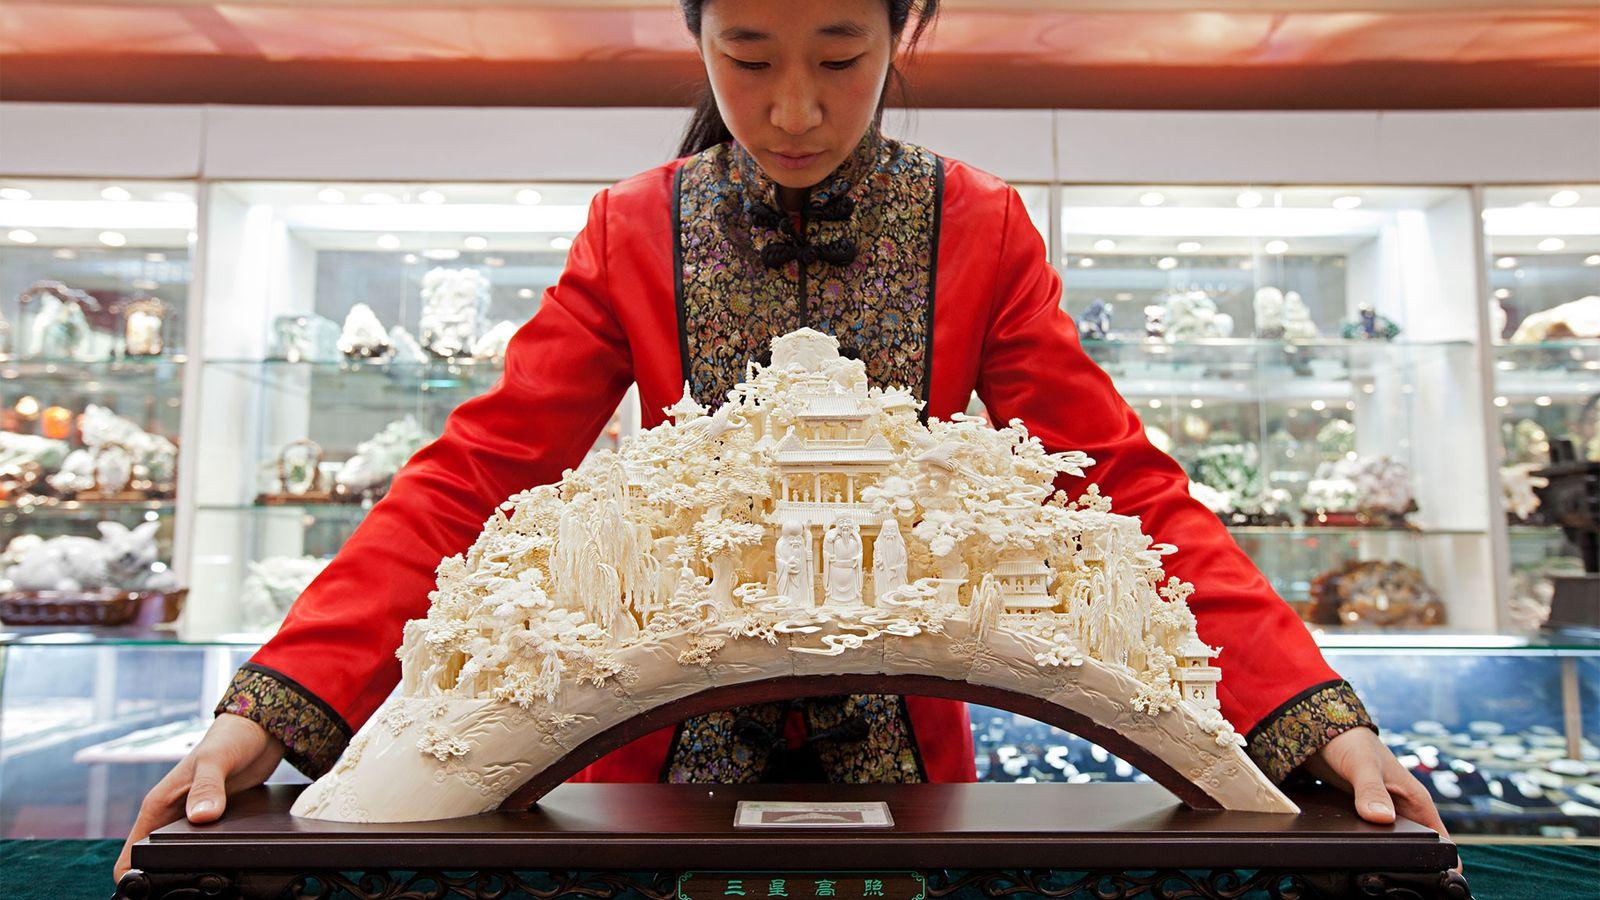 Nach Jahren der Förderung des Elfenbeinhandels als Teil seiner kulturellen Tradition, schließt die chinesische Regierung nun ...